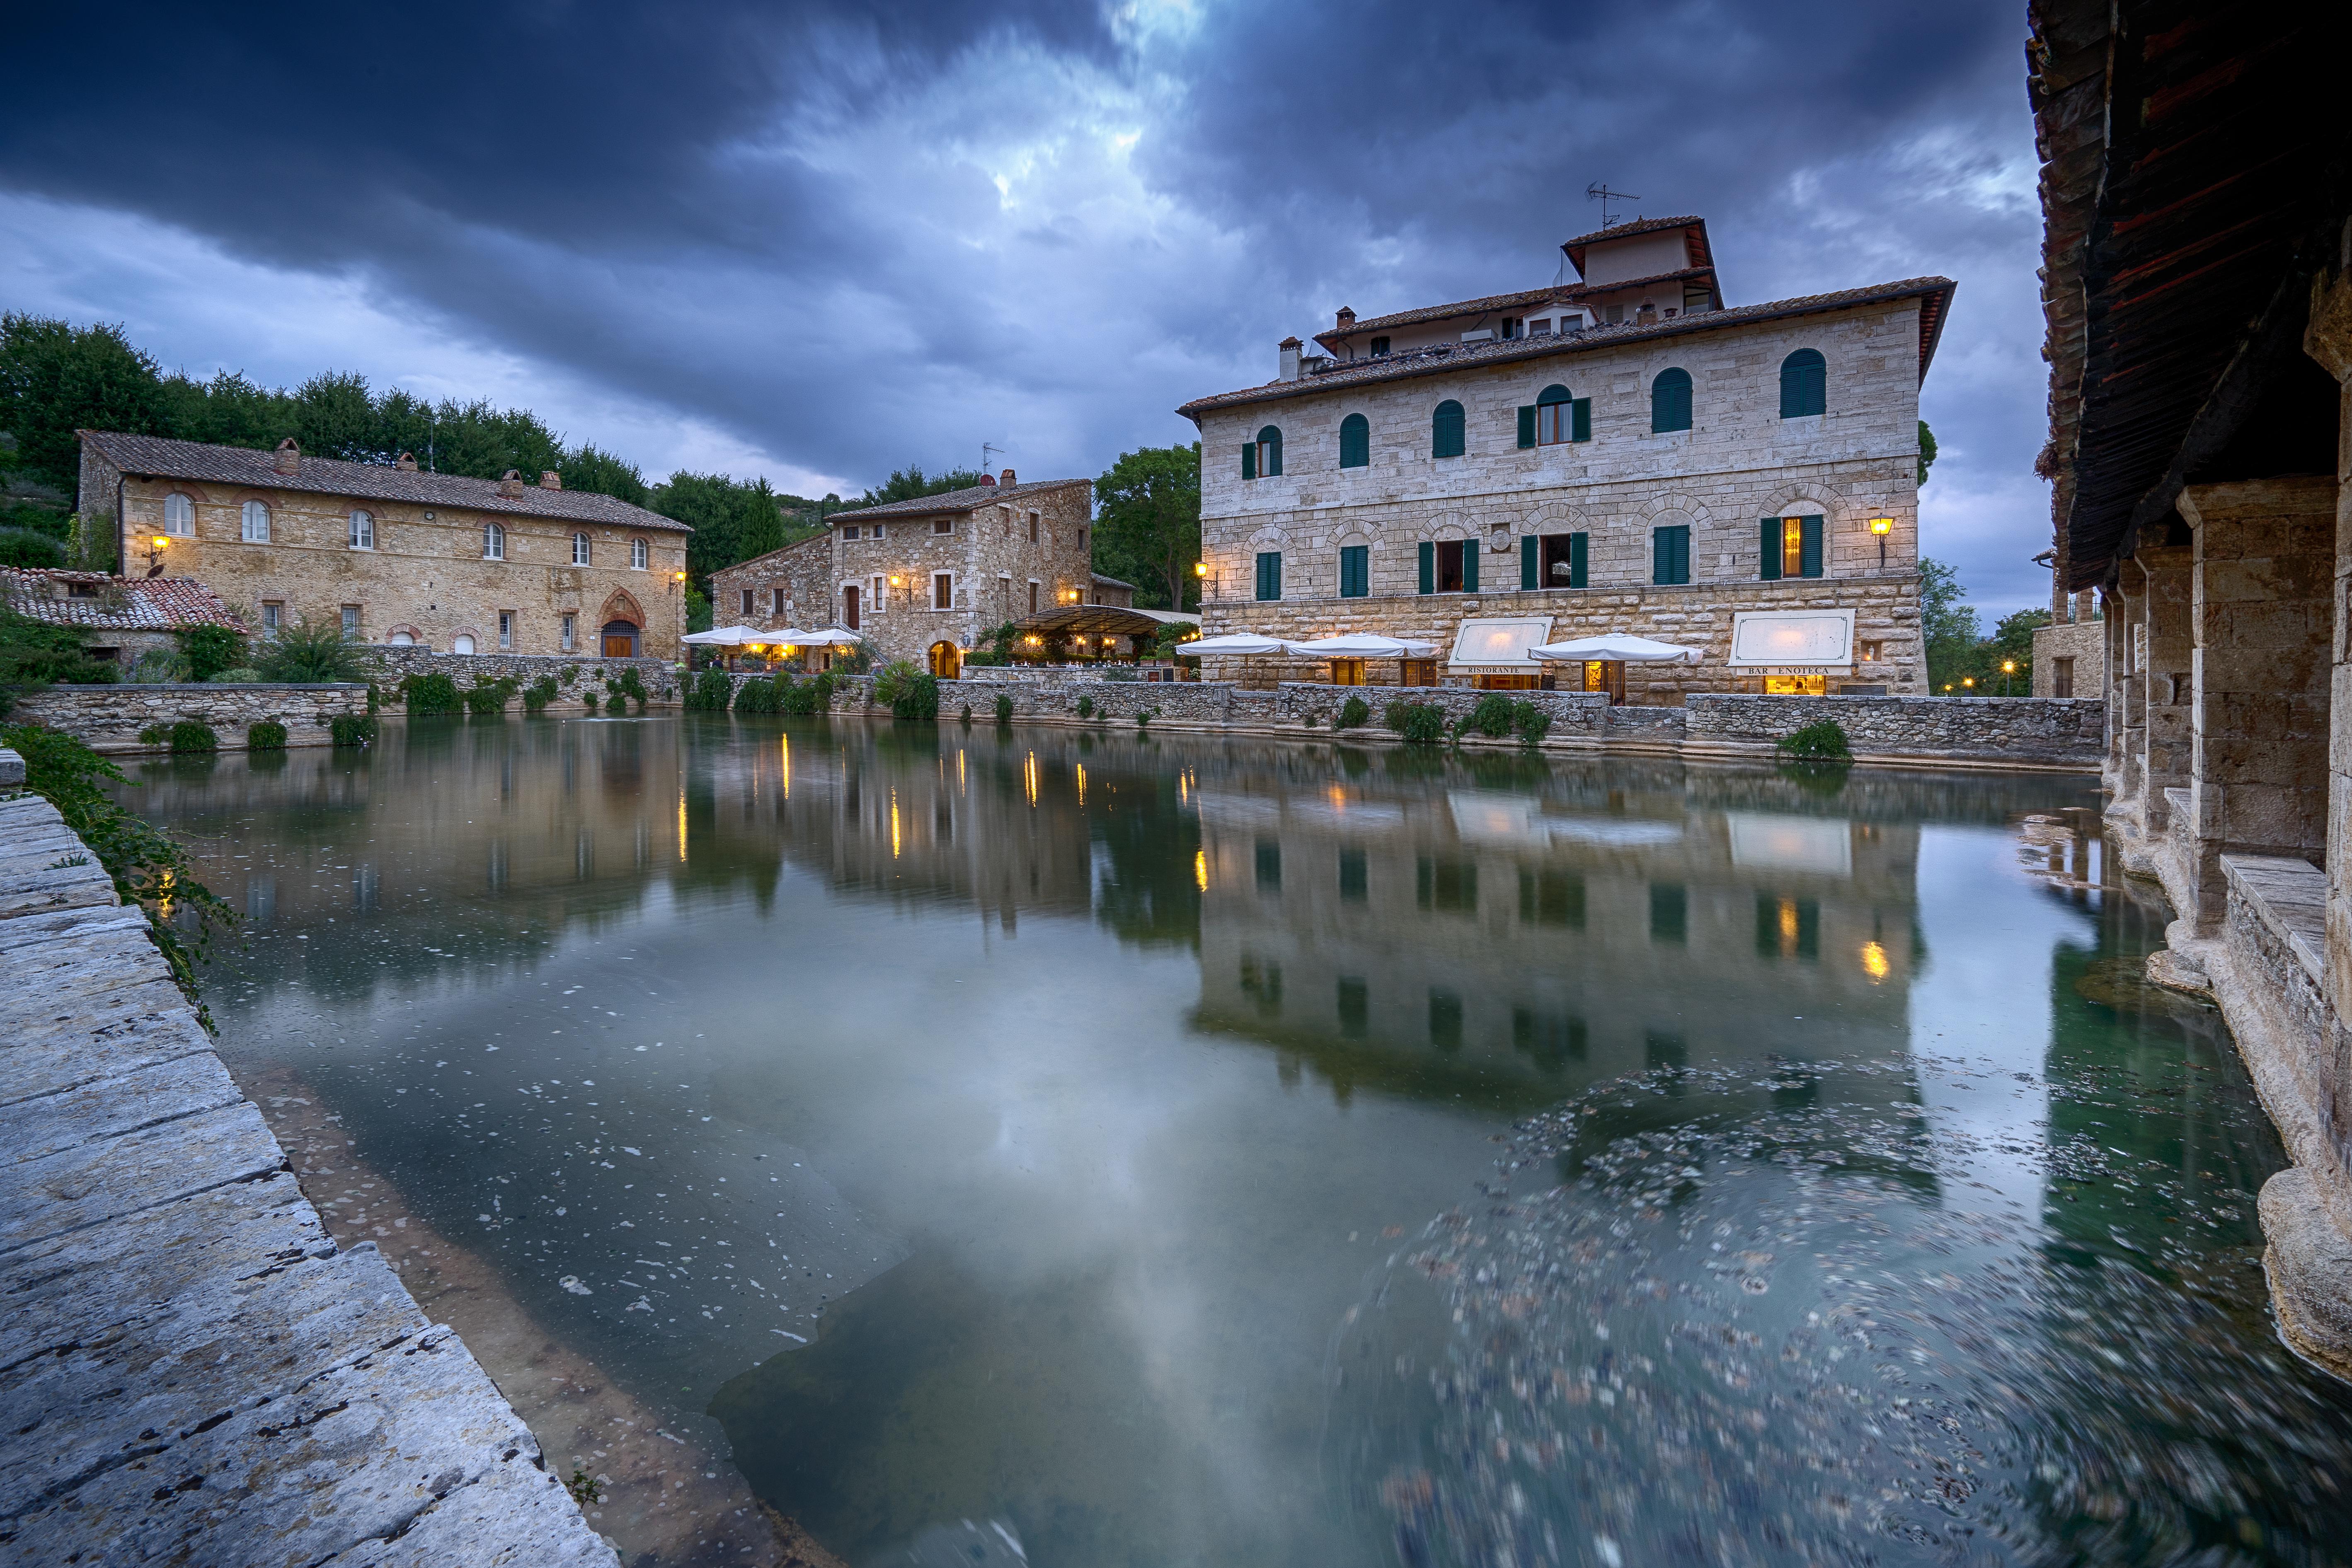 Bagno vignoni bagno vignoni vasca termale e il palazzo